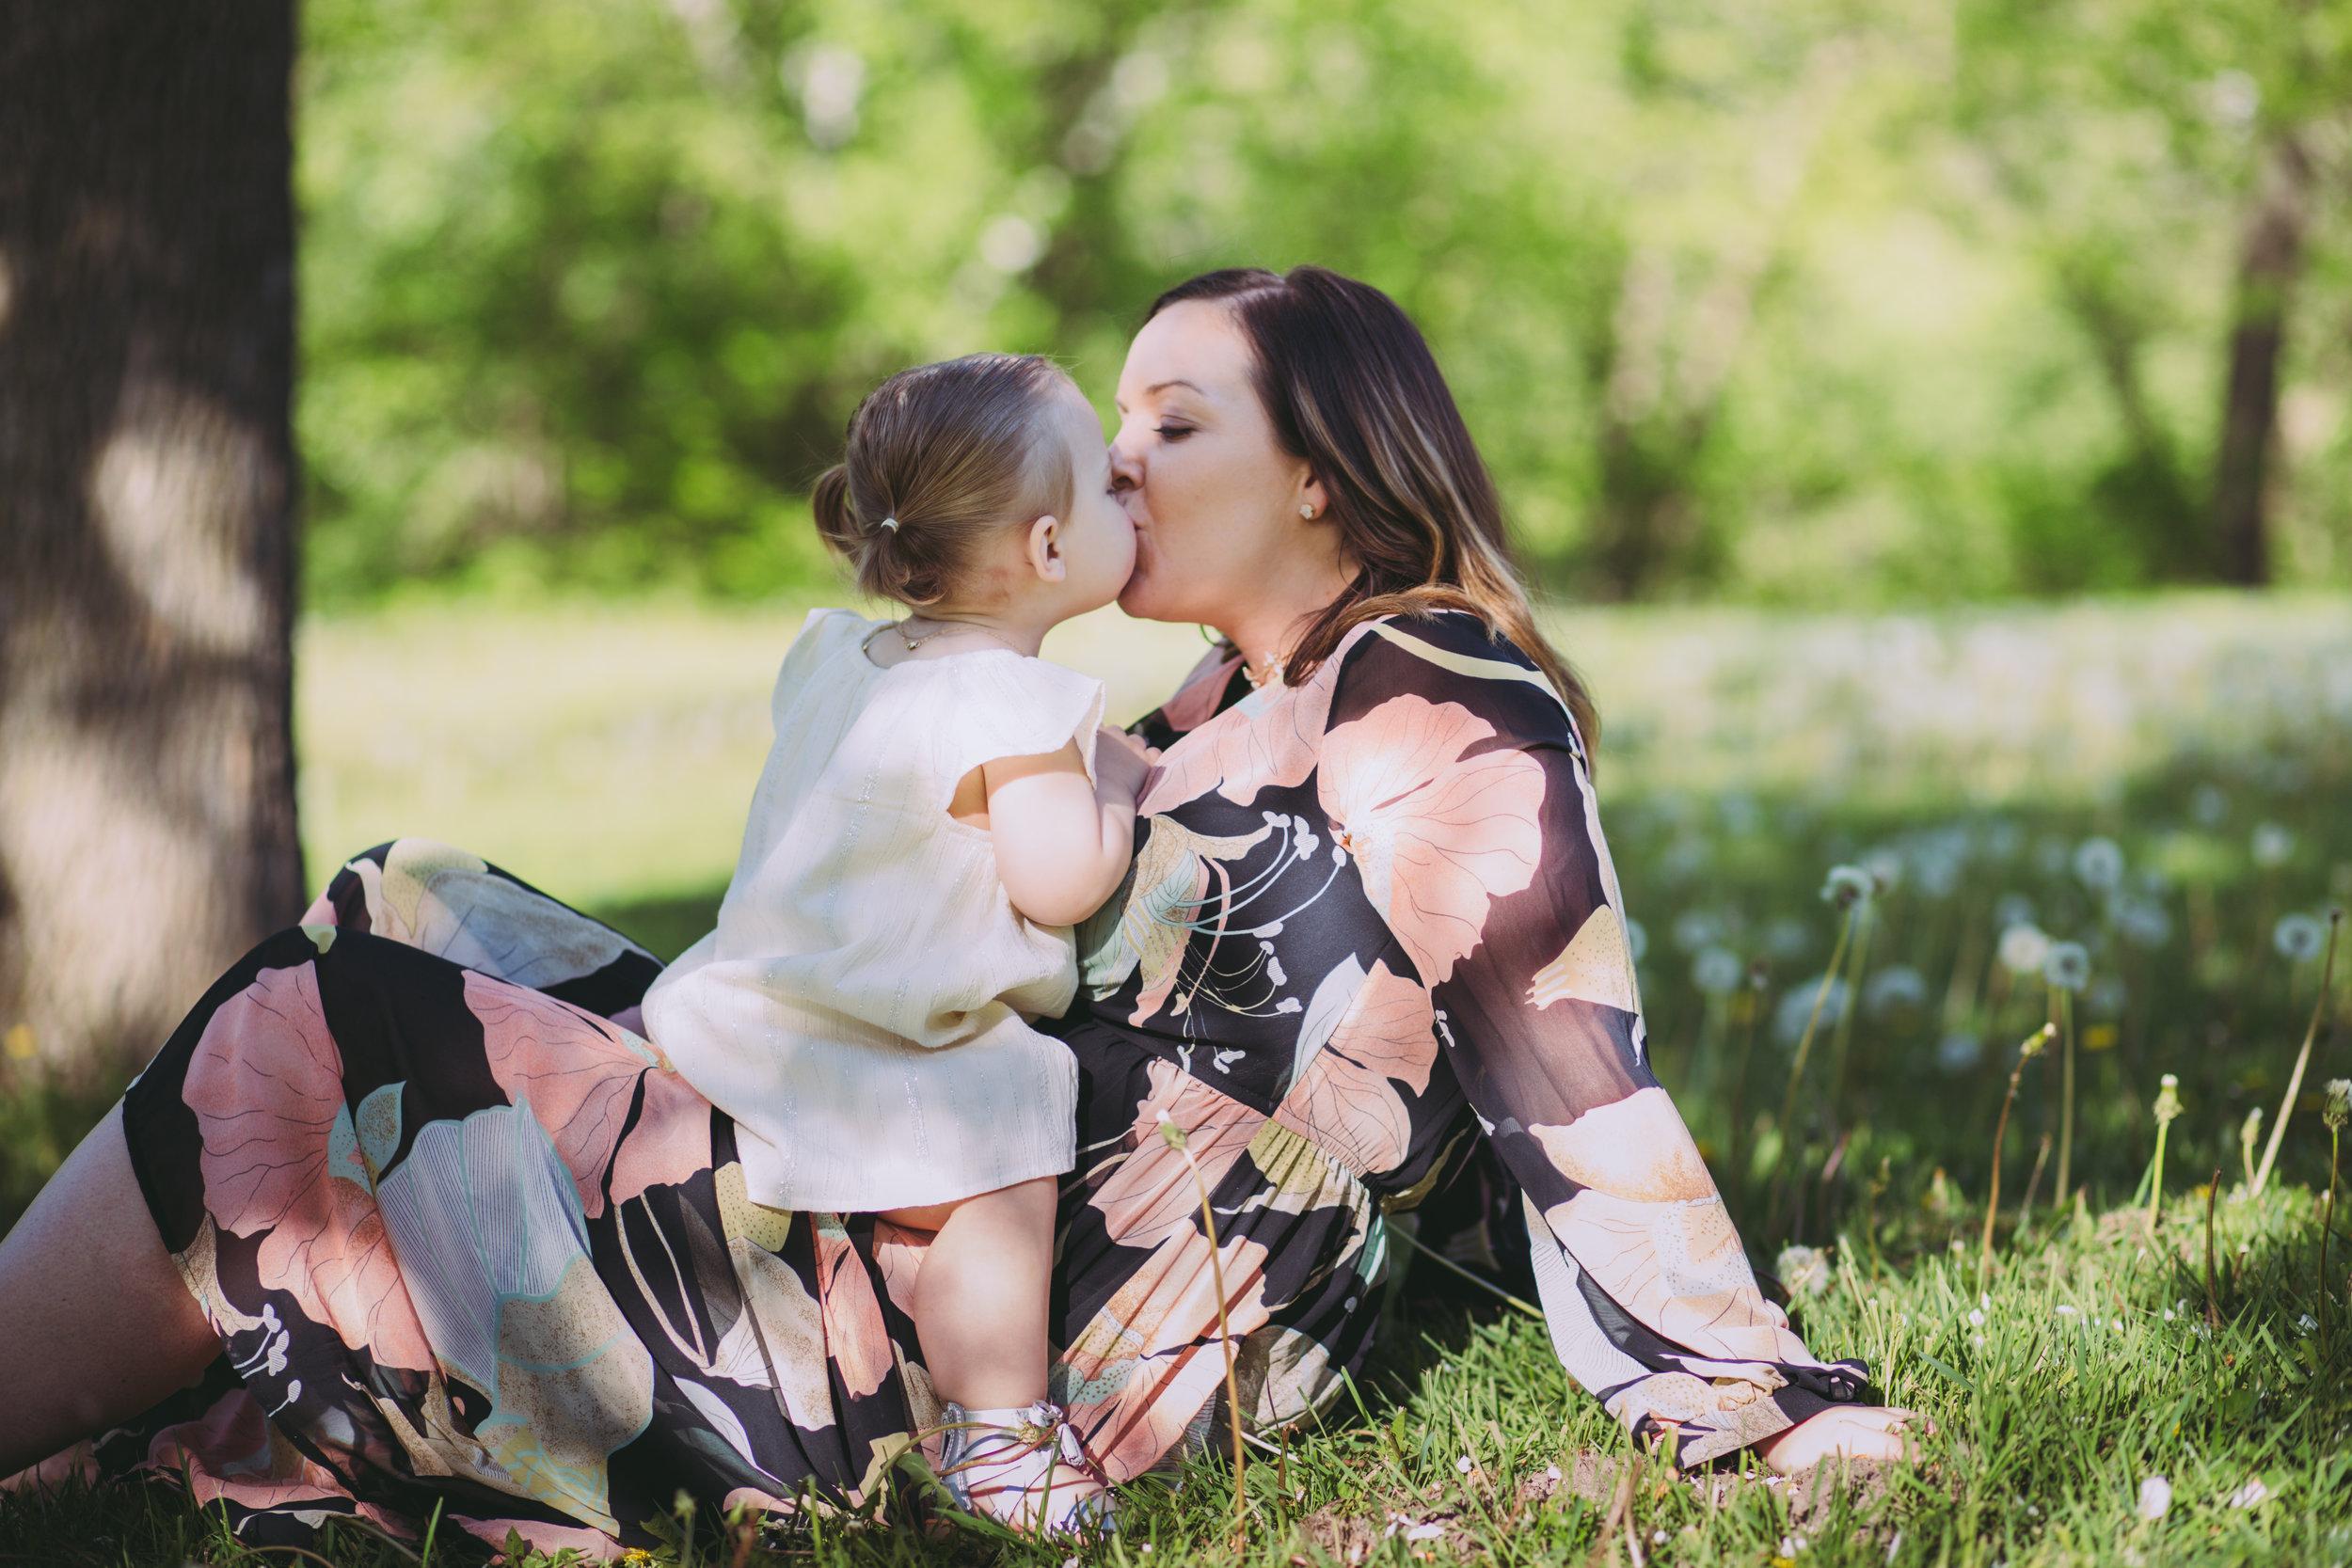 Mommy_and_me_photoshoot_HudsonWI_Birkmose_Park3